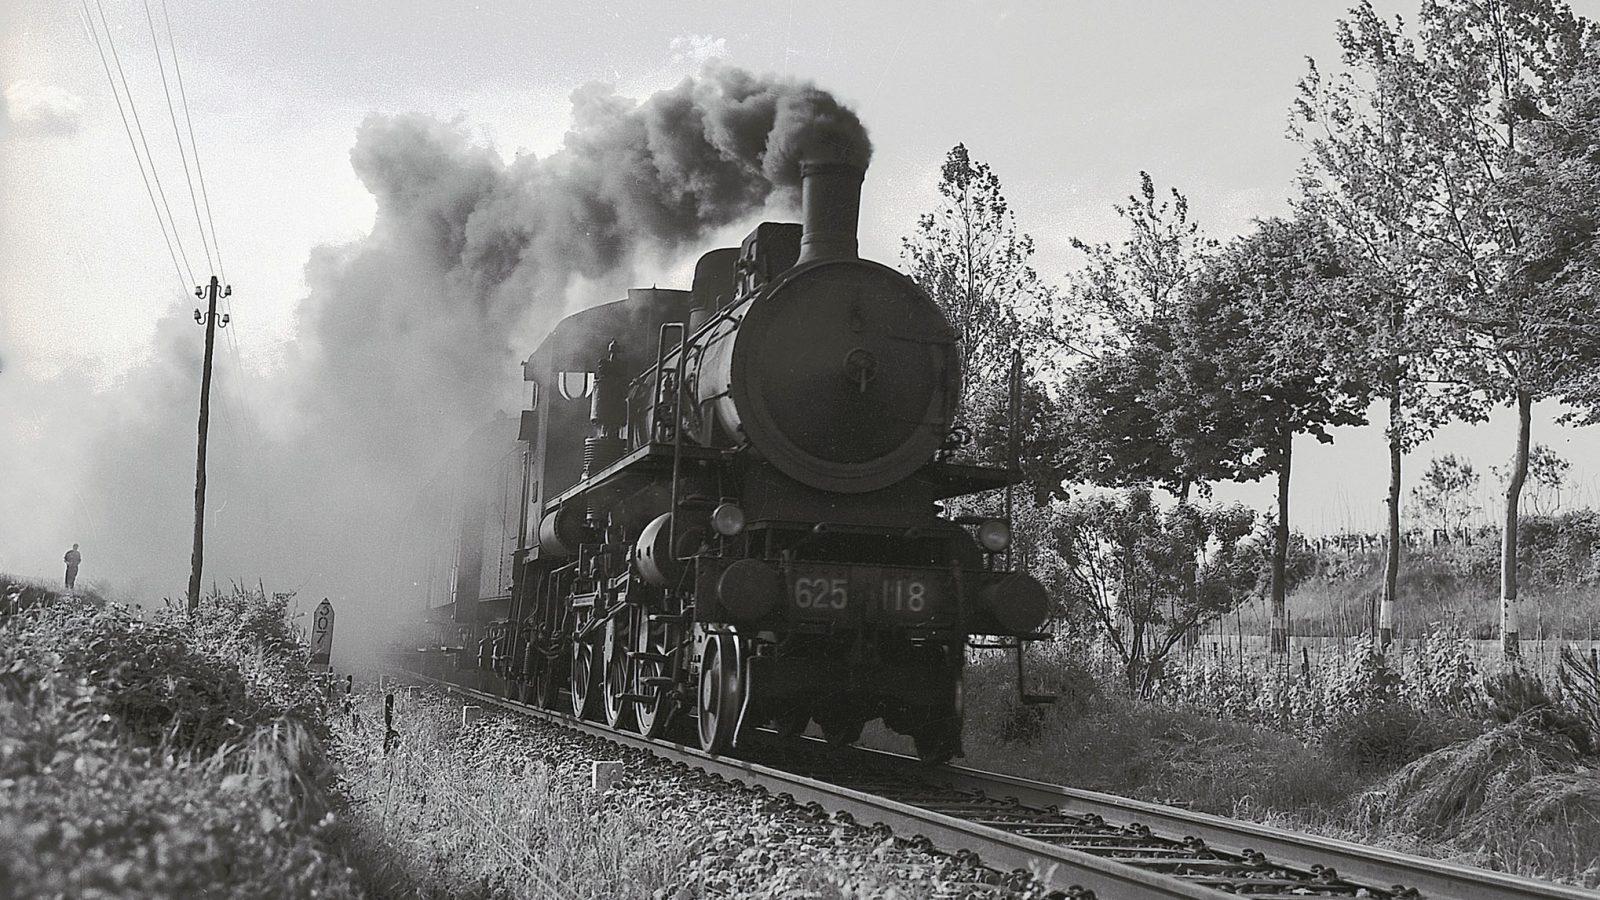 Locomotiva a vapore del gruppo 625 (fonte: Ferrovie dello Stato Italiane)